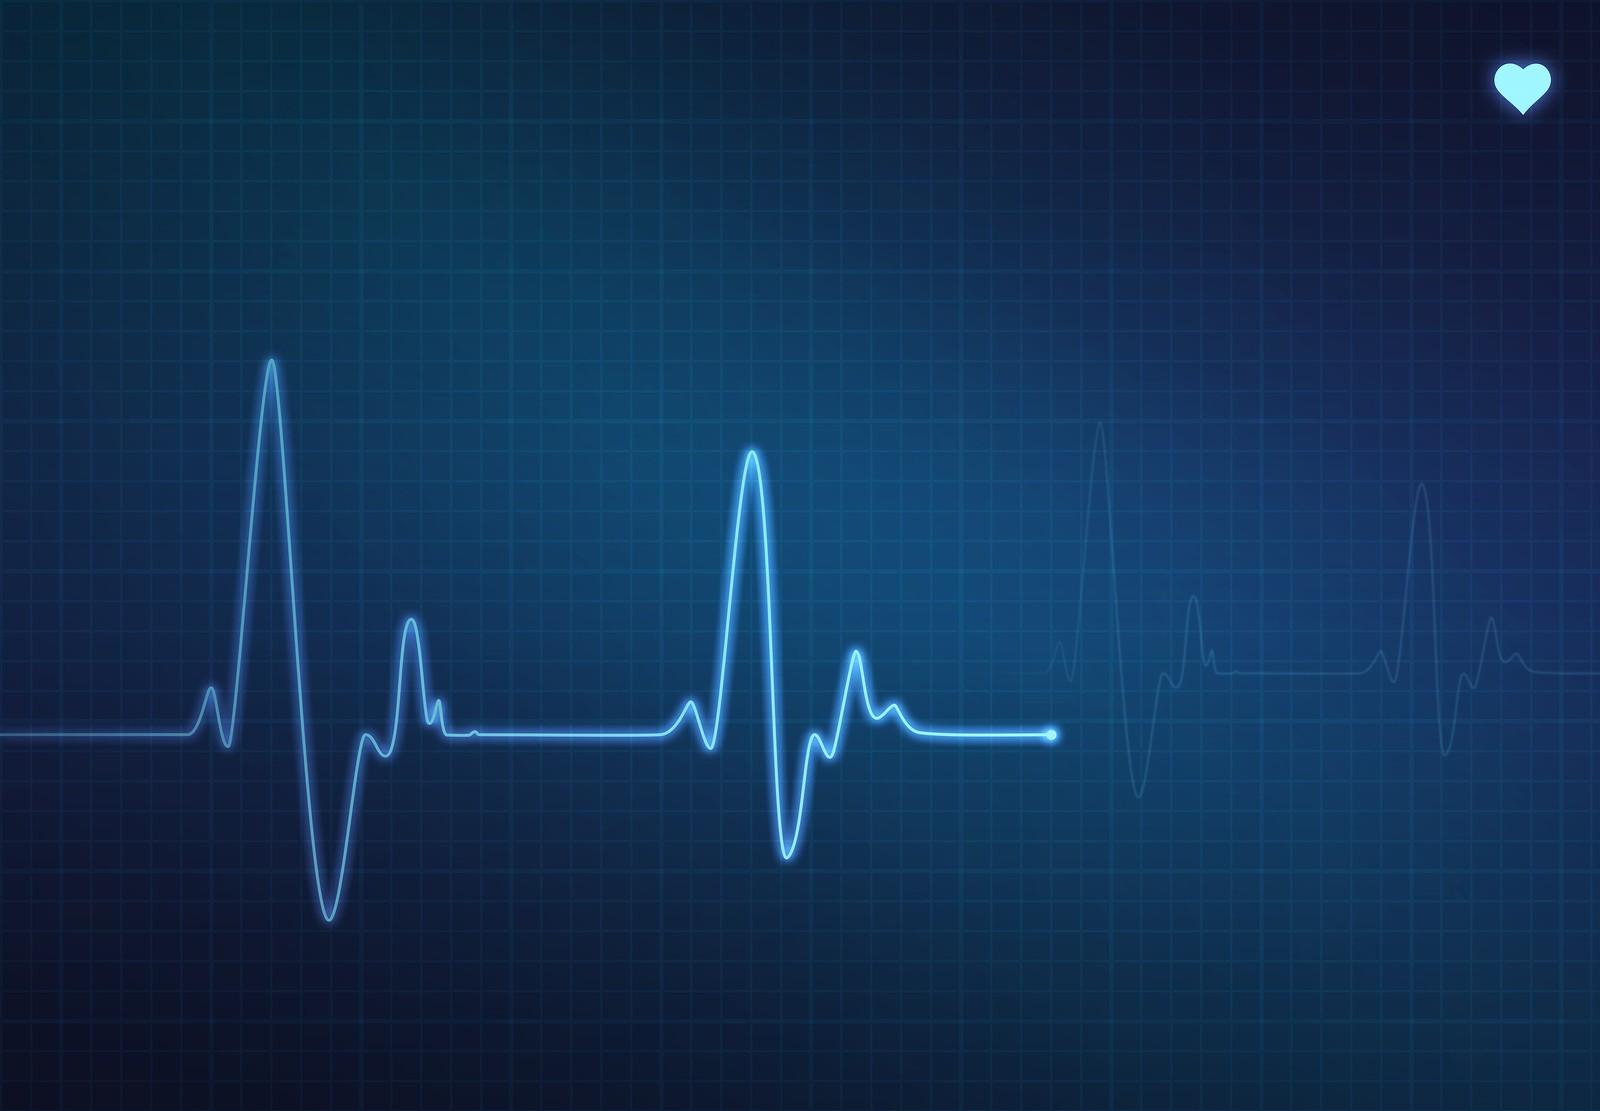 bigstock-Heartbeat-Monitor-8001637